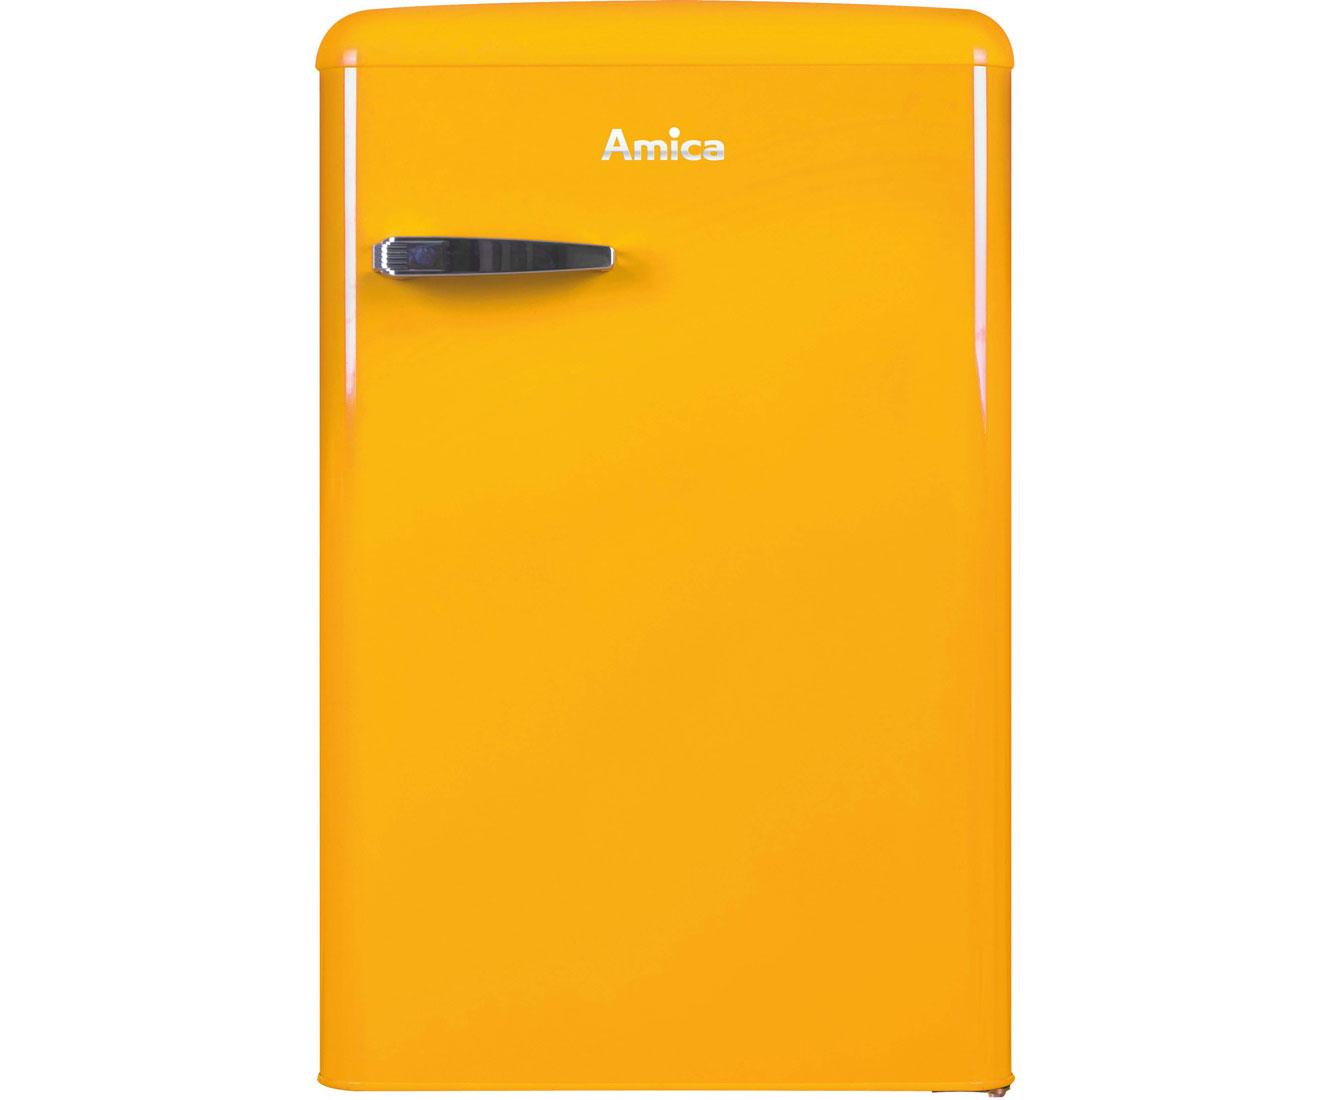 Retro Kühlschrank Pink : Amica retro design ks 15613 y kühlschrank mit gefrierfach gelb